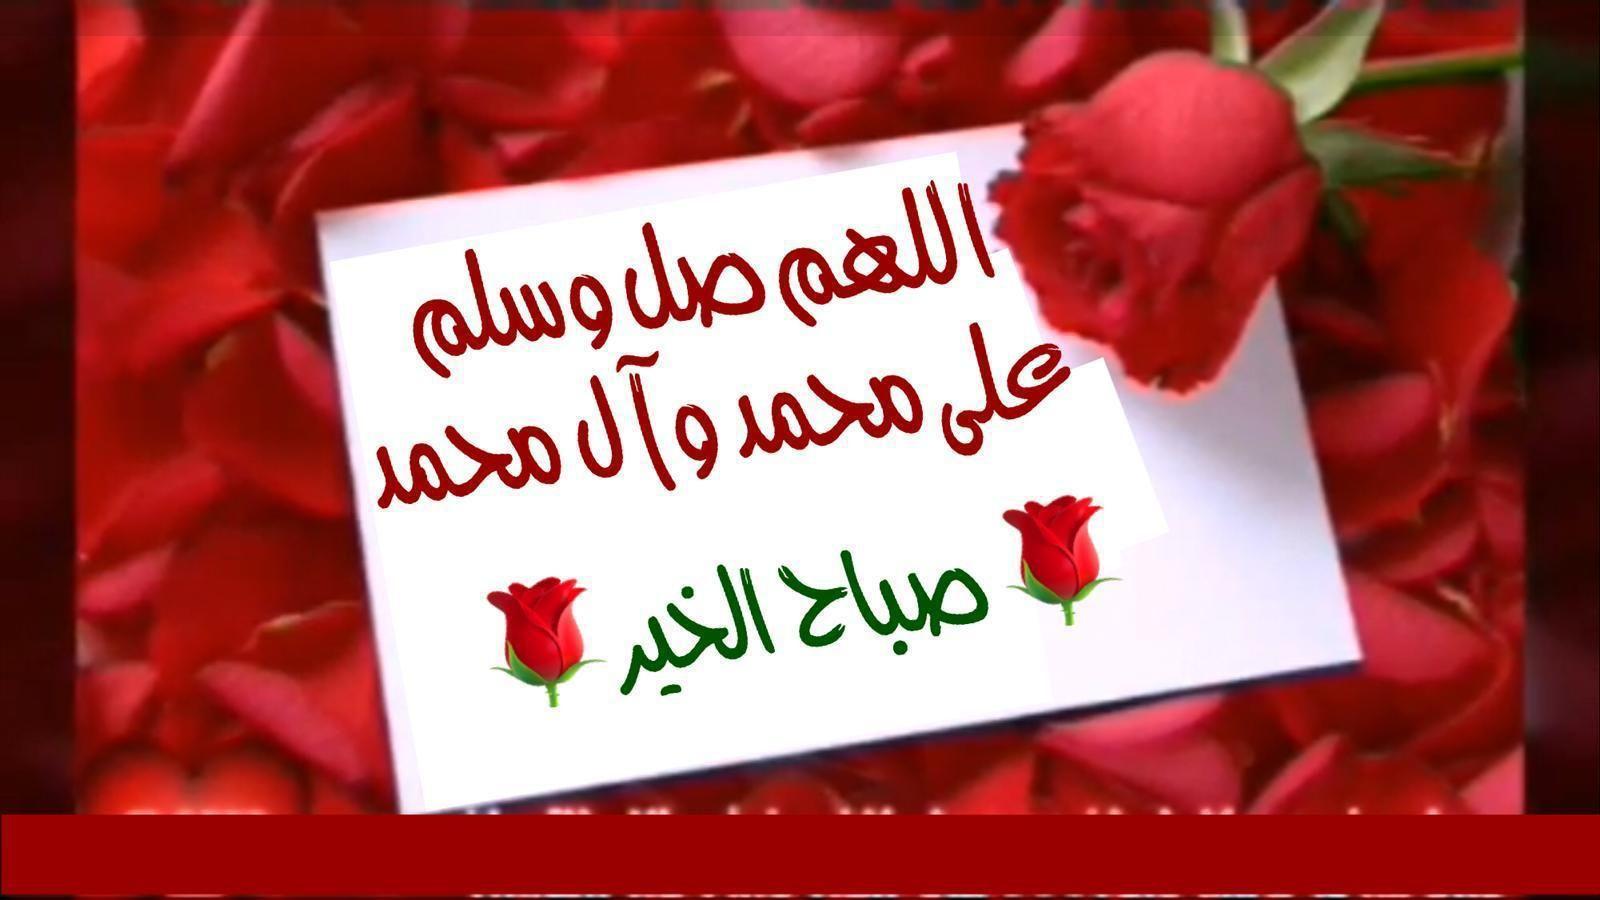 اللهم صل على محمد وآل محمد صباح الخير Novelty Sign Greetings Novelty